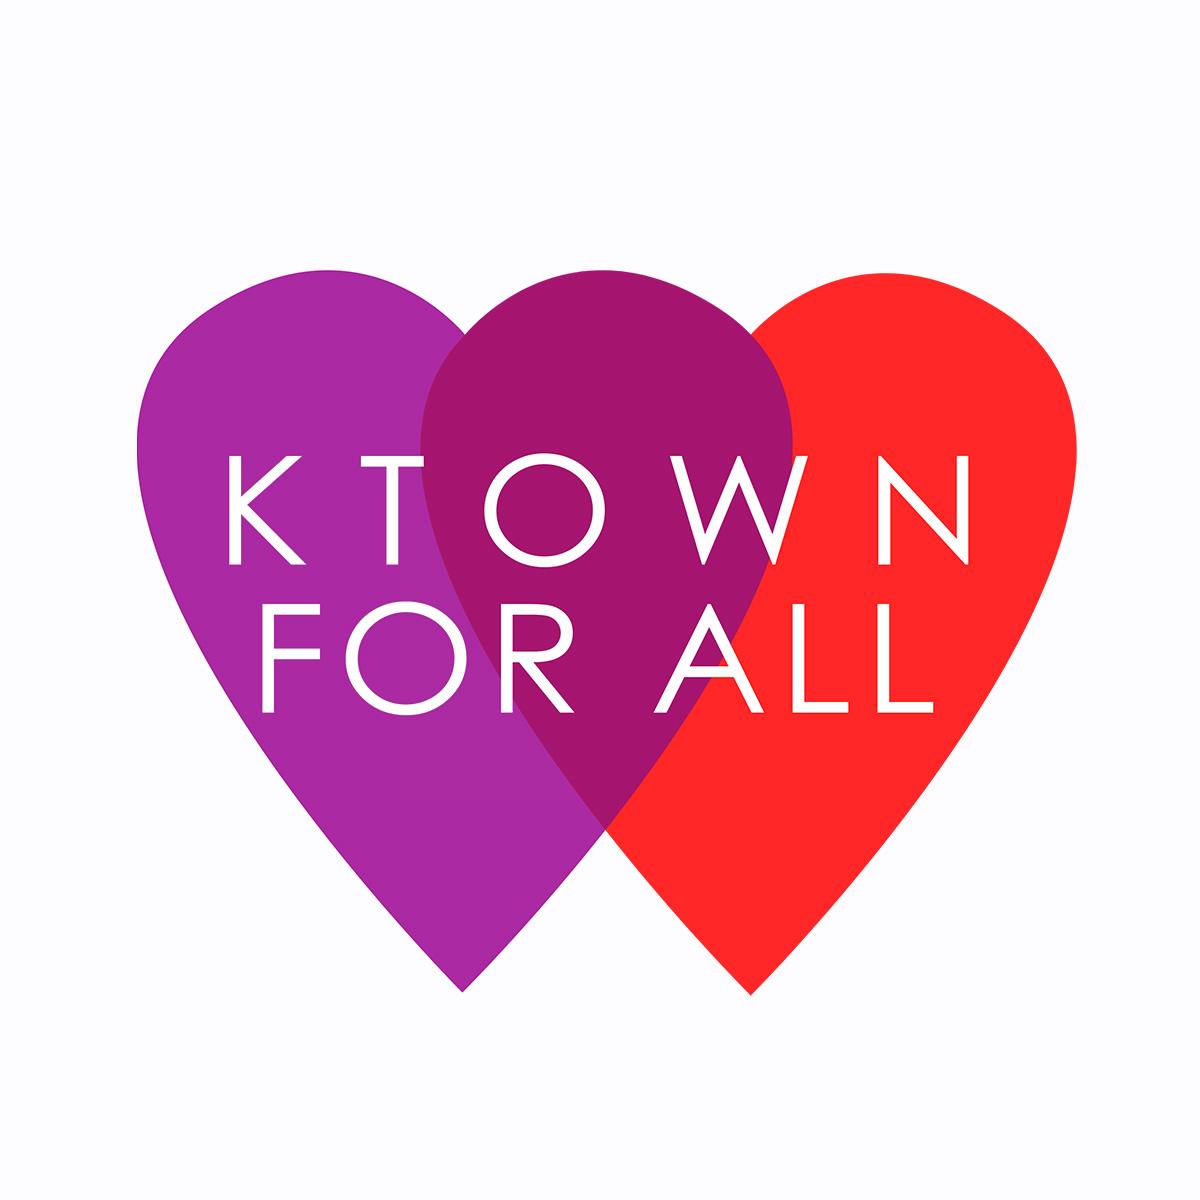 Ktown 400x400.jpg